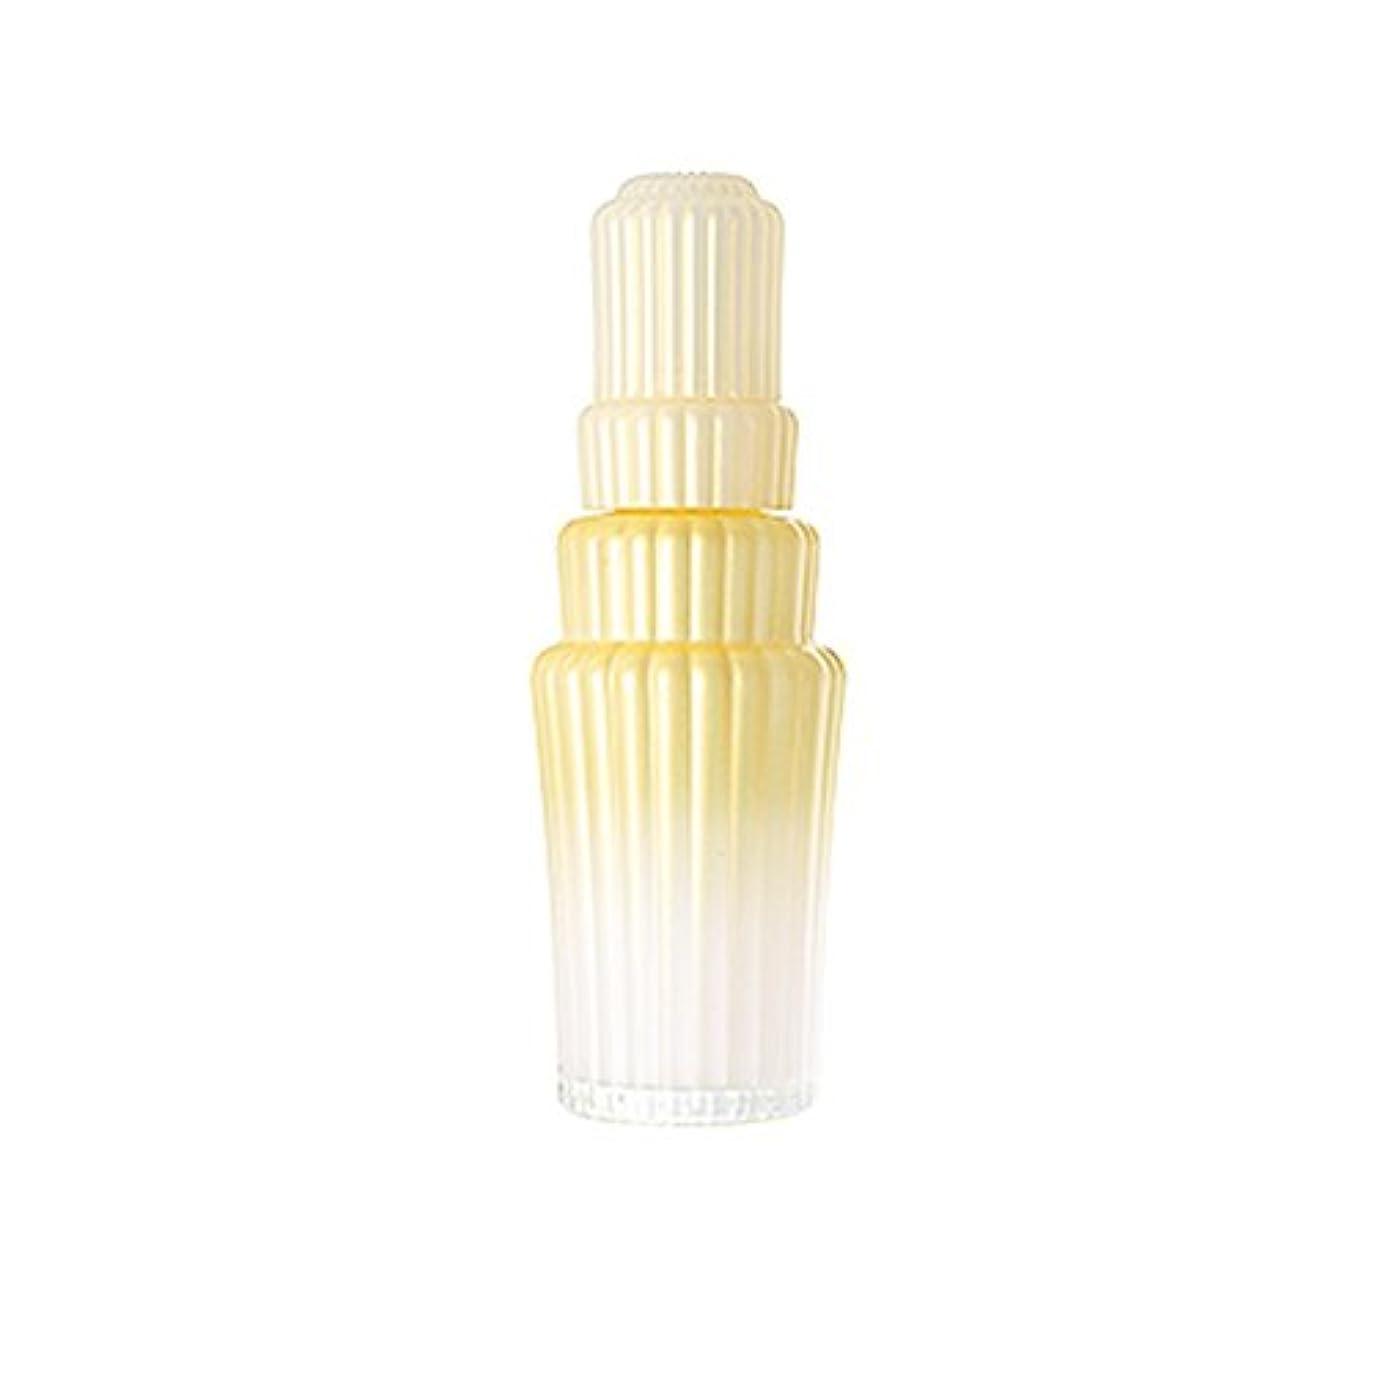 増幅器下線要求アユーラ (AYURA) モイスチャライジングプライマー コンビネーションドライ W (医薬部外品) 100mL 〈美白化粧液〉 混合乾燥ケア うるおい アロマティックハーブの香り